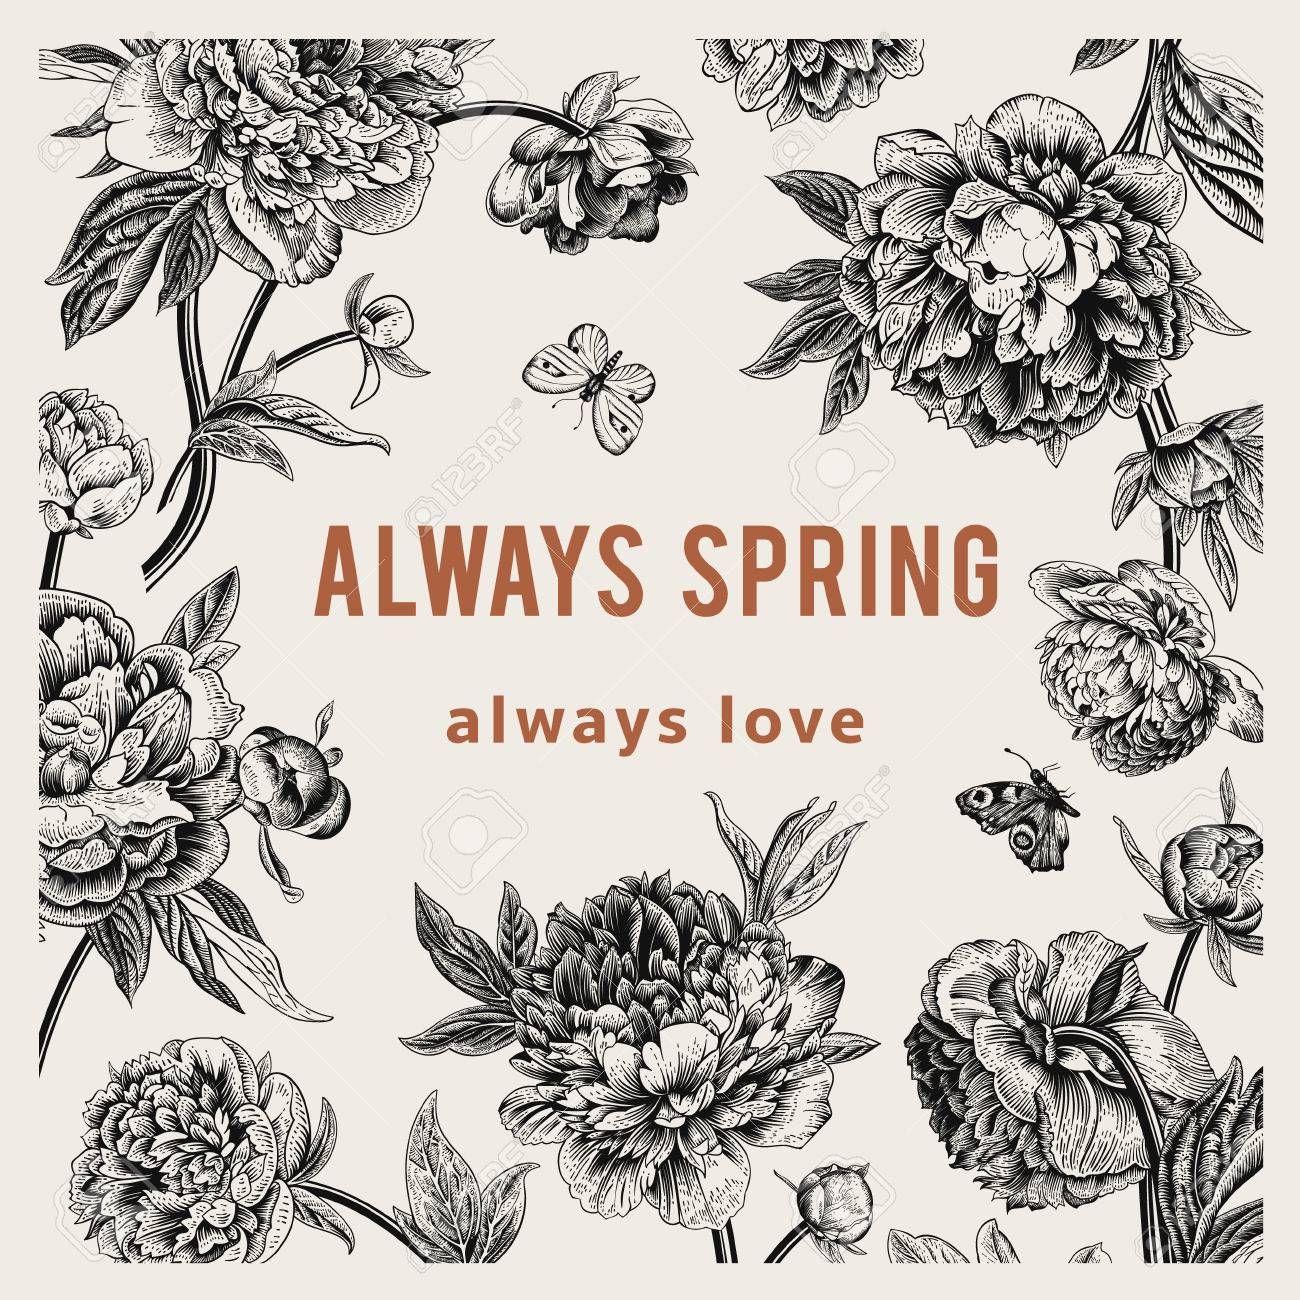 Vintage Vector Floral Card Peonies Always Spring Affiliate Floral Vector Vintage Spring Peonies Floral Cards Peonies Vintage